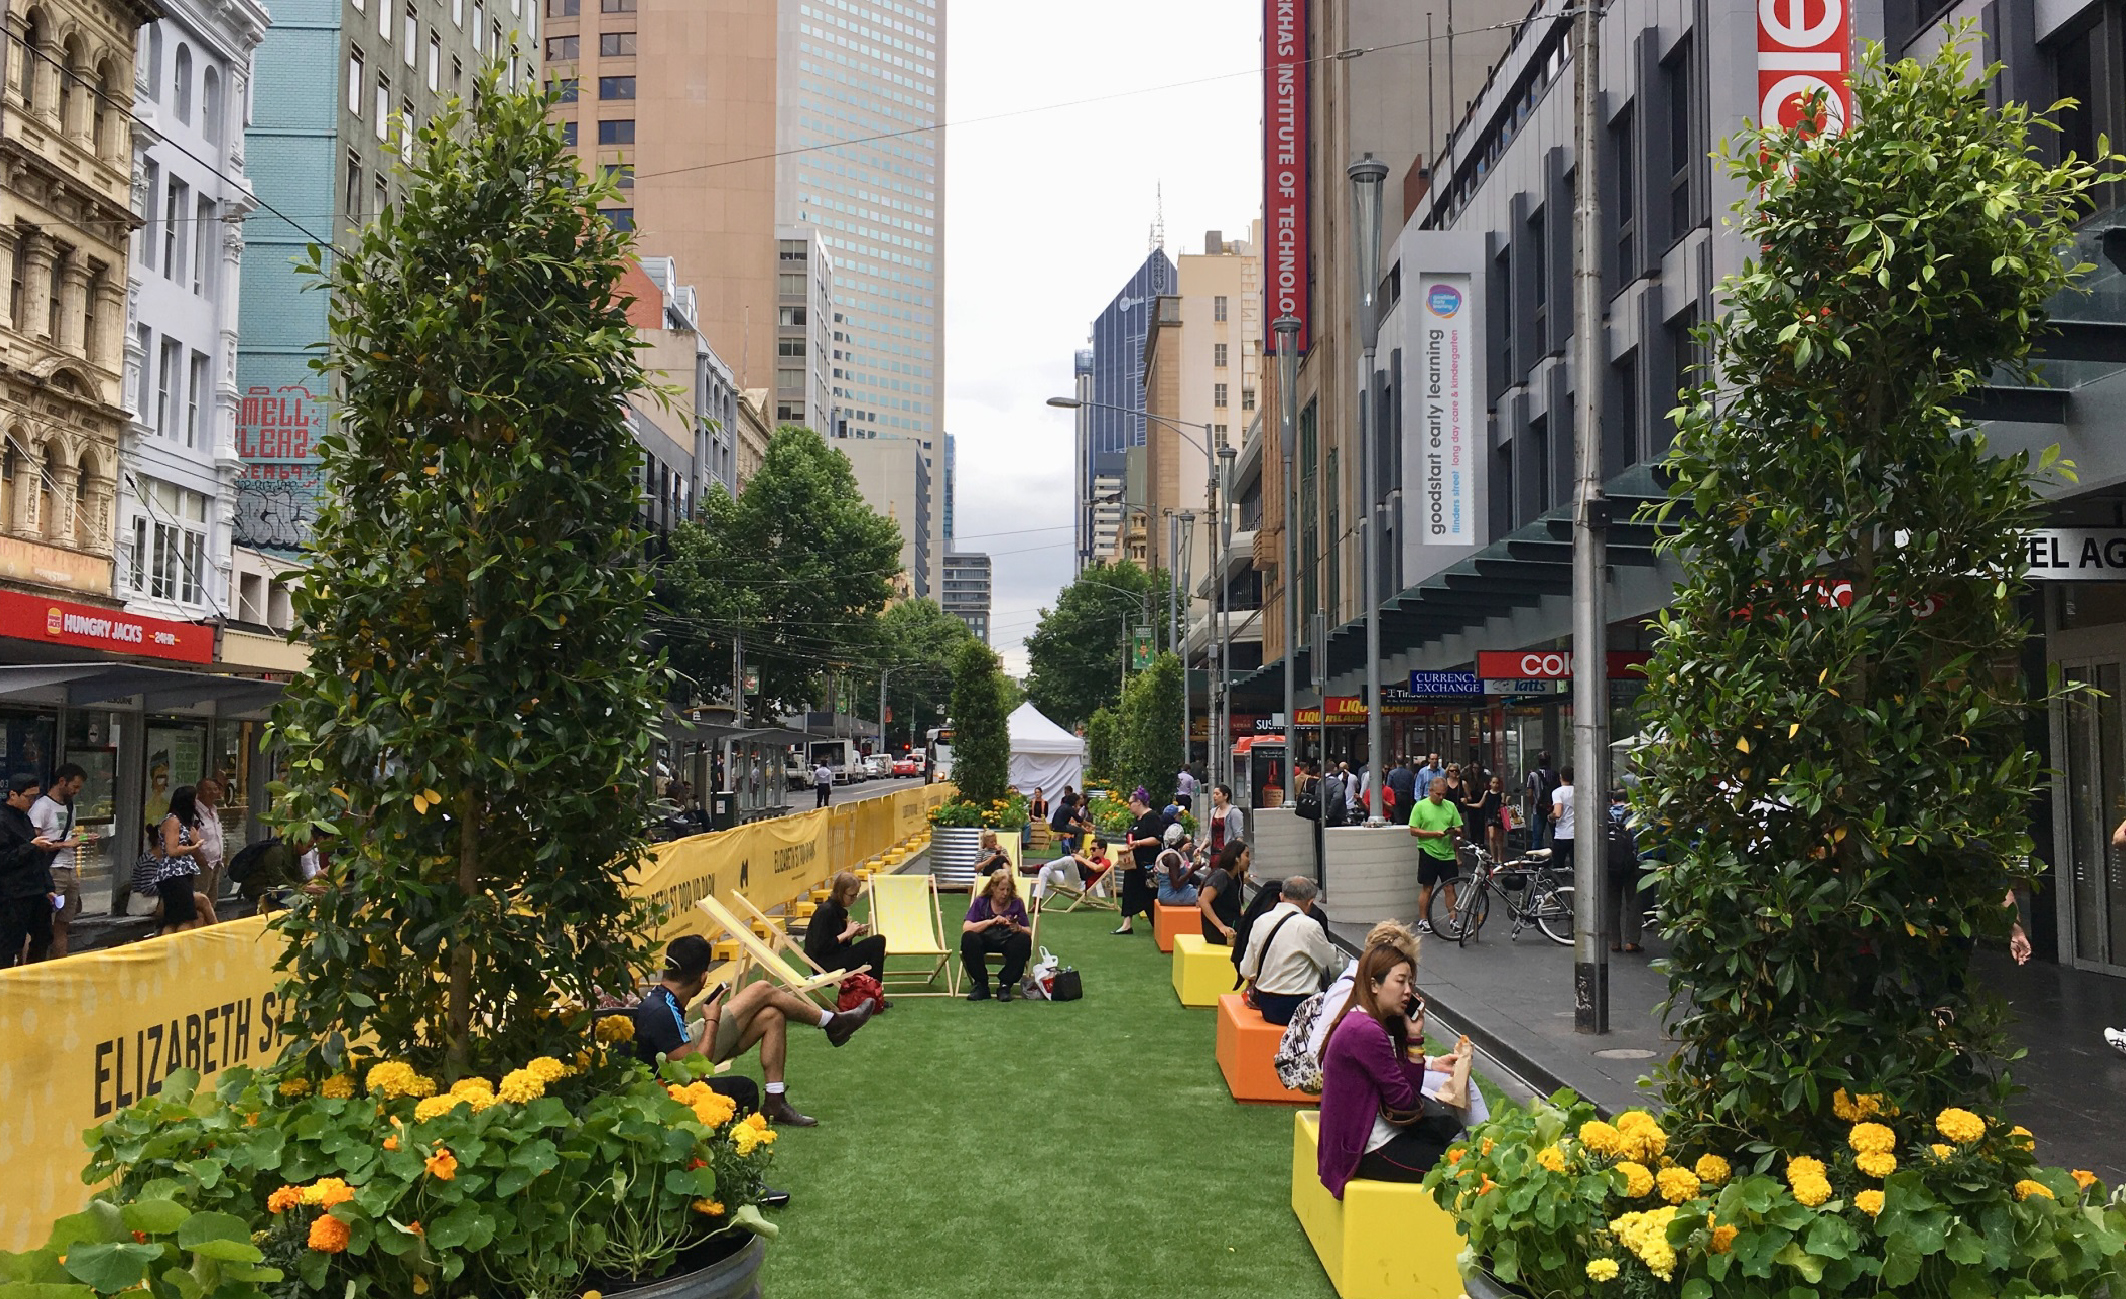 Elizabeth Street pop-up park over 2017/18 summer